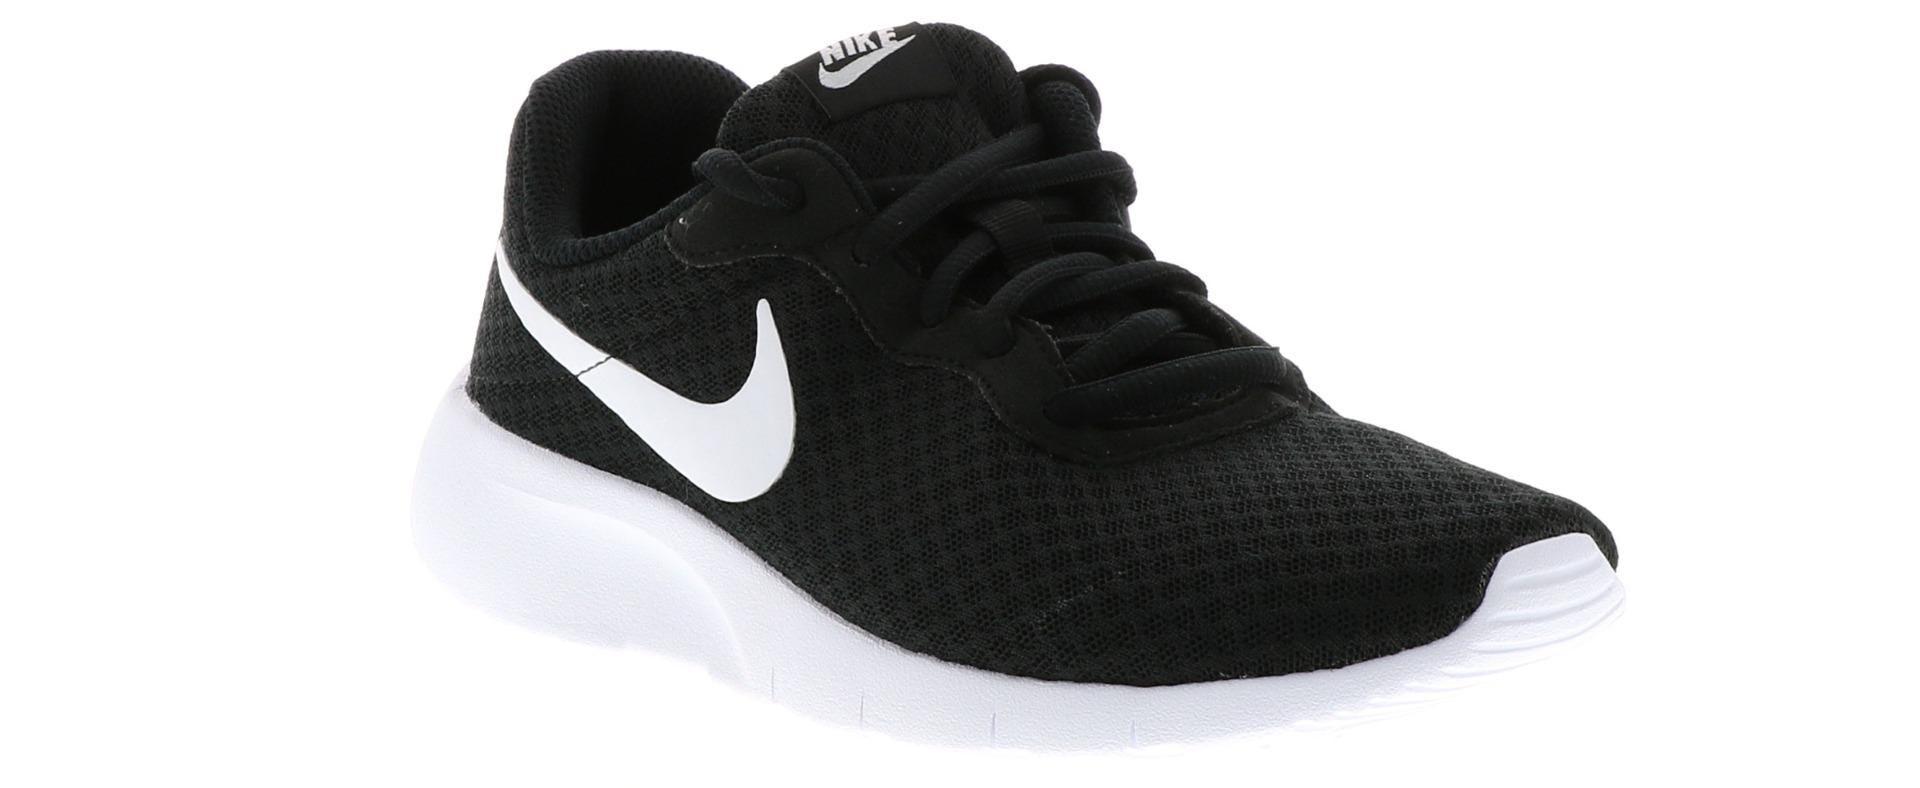 Kid's Nike Tanjun GS (4 7)